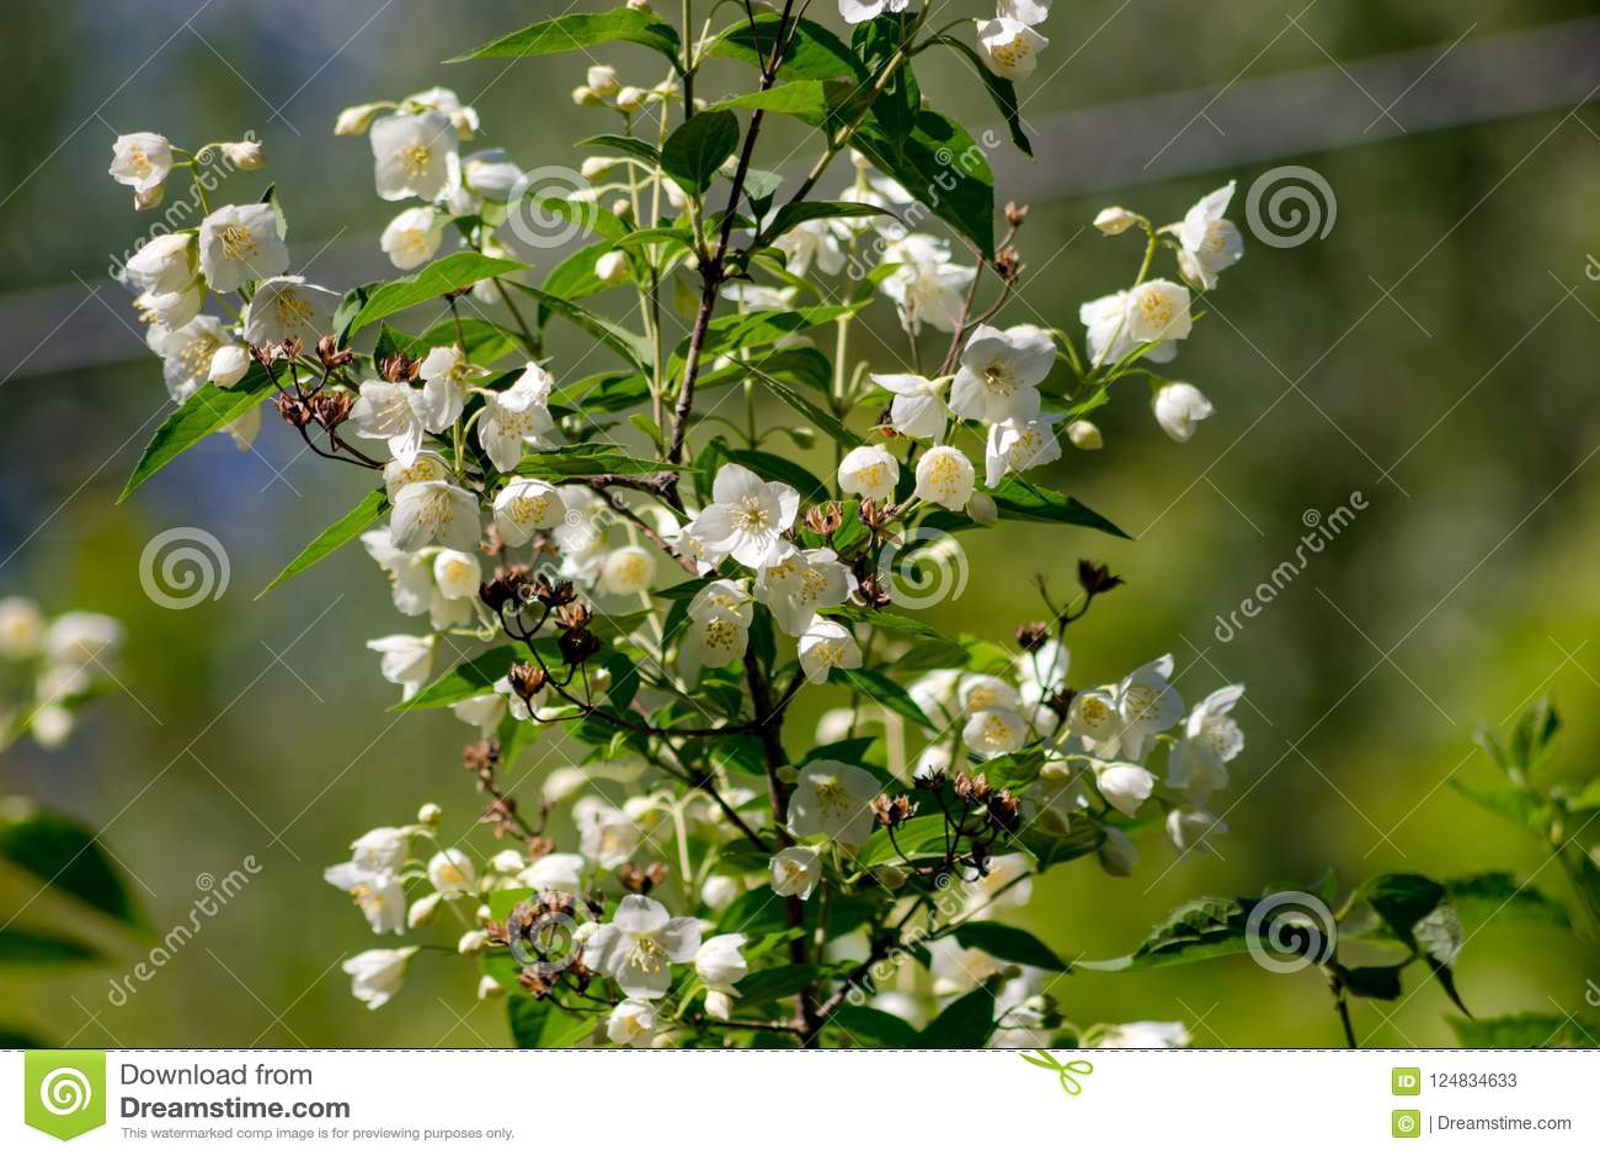 Jasmine flowering in late May